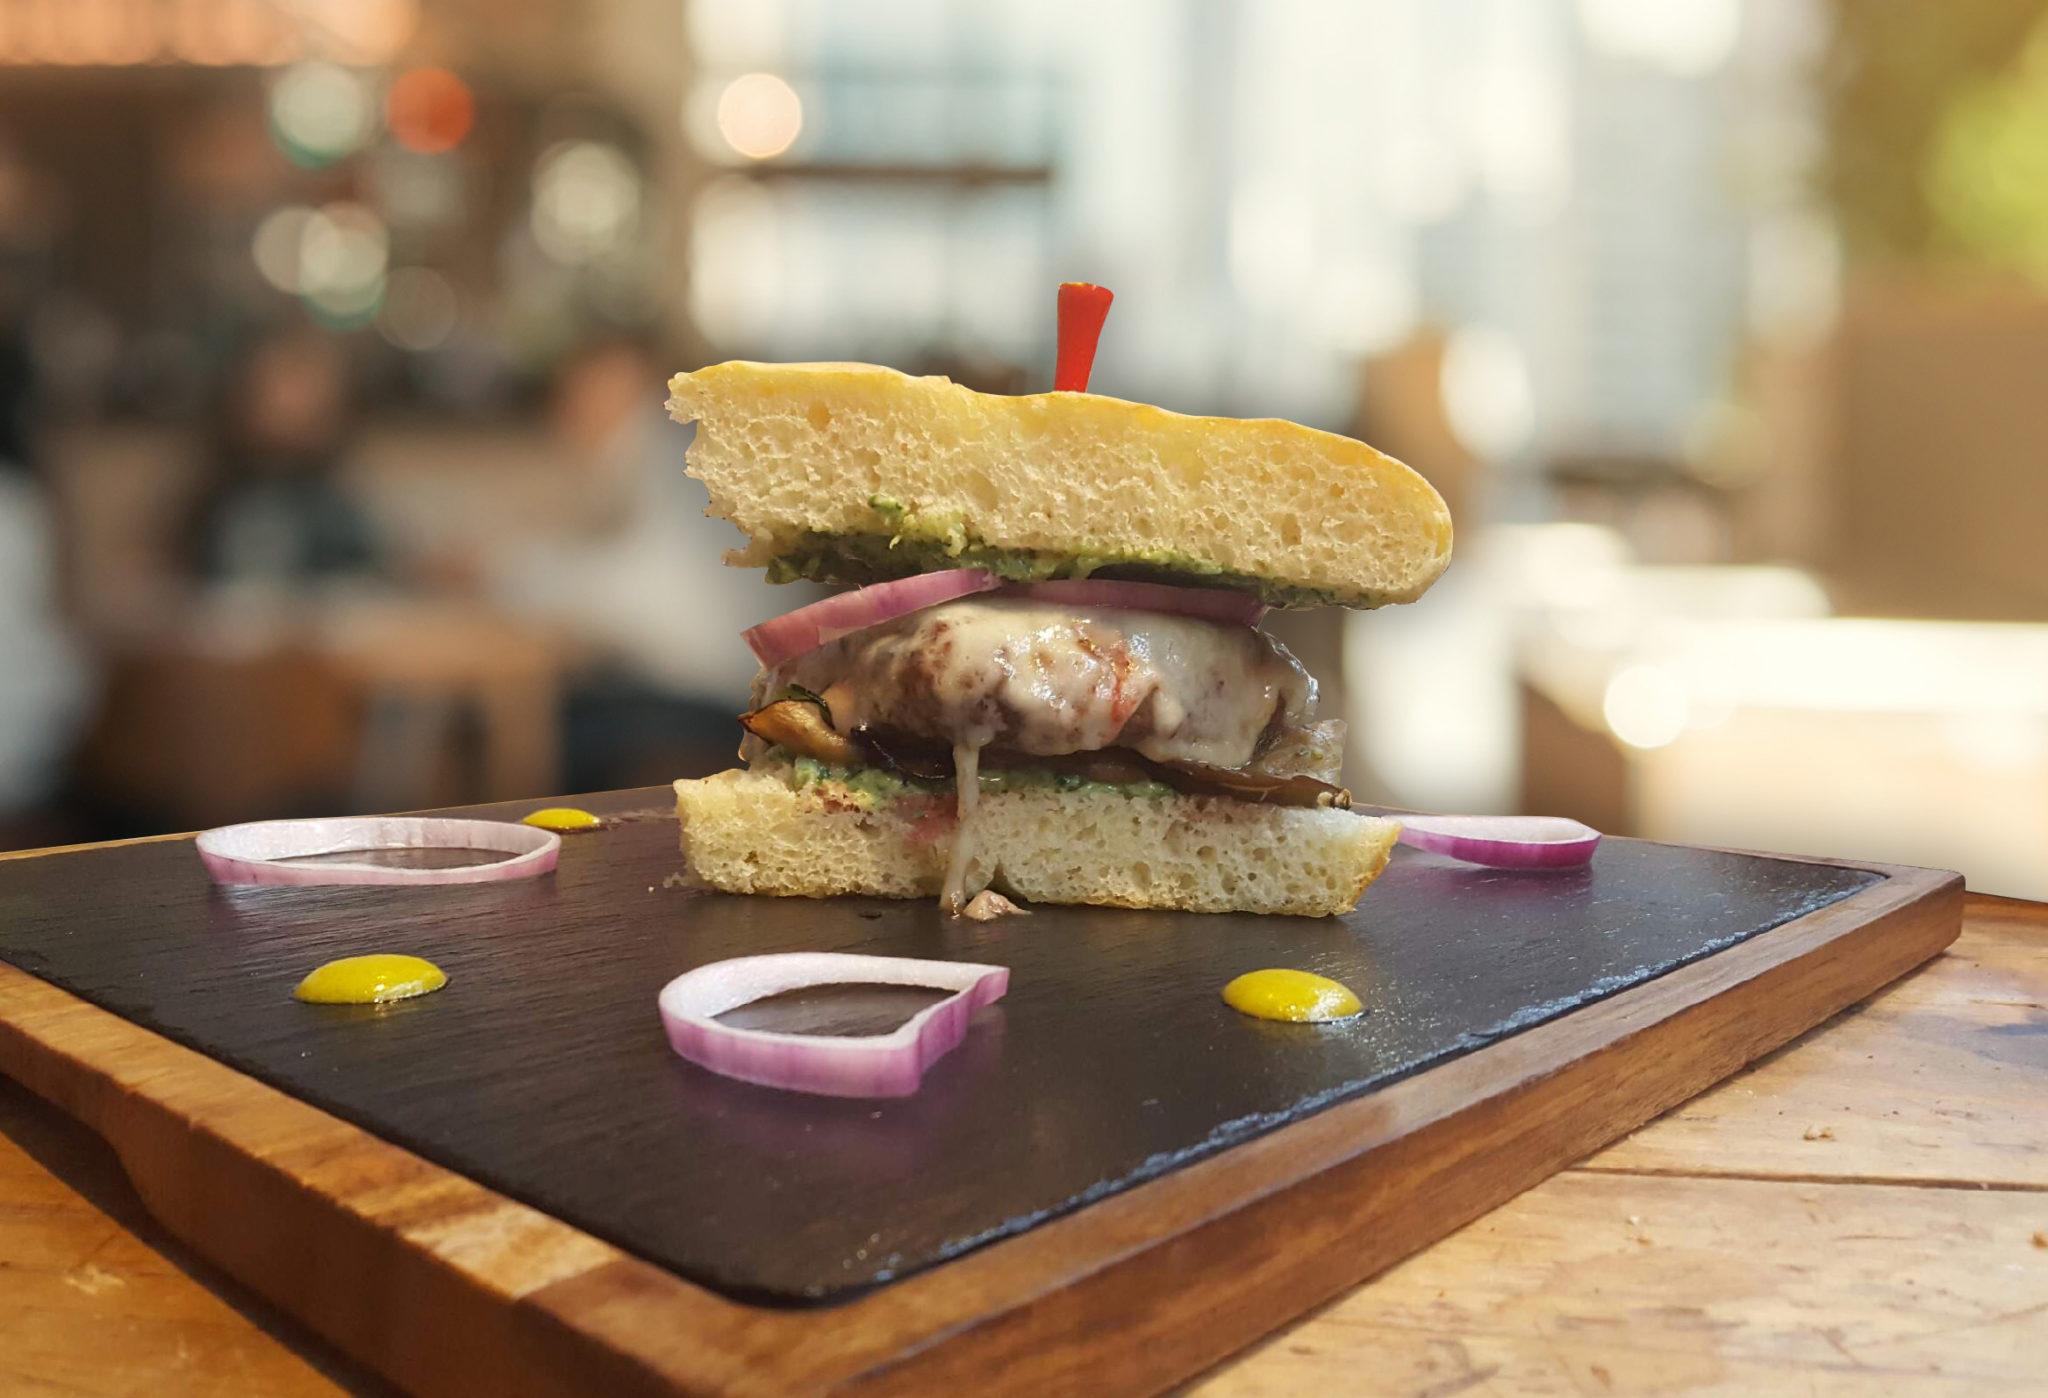 Focaccia burger la truffe come la maison - Come a la maison ...